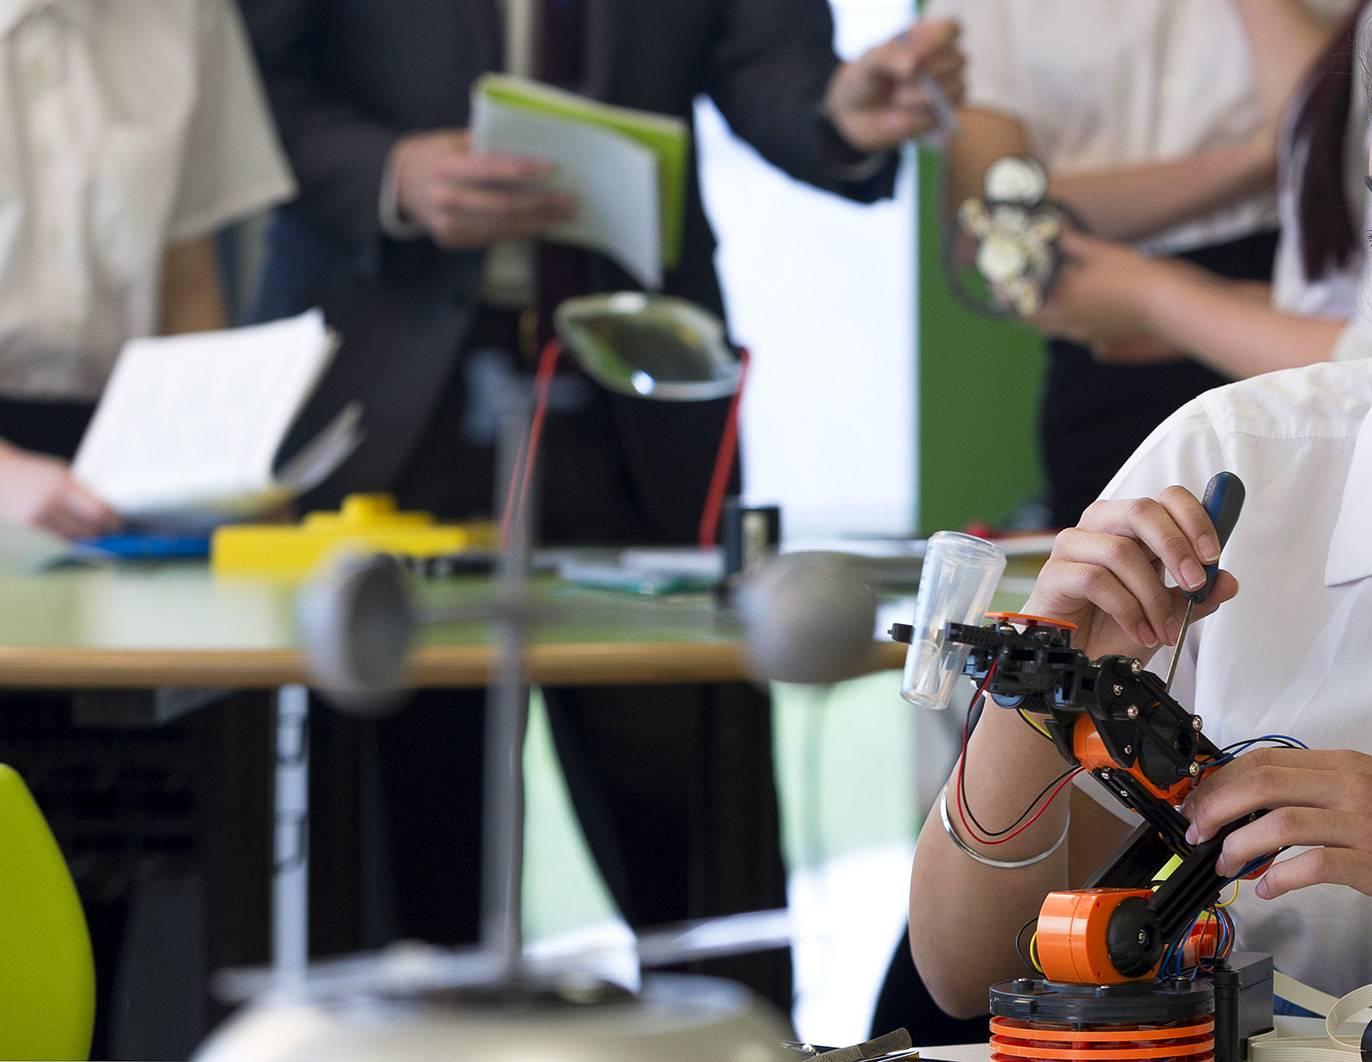 estudiantes master - 162.000 euros para facilitar los estudios de máster a jóvenes en situación económica desfavorecida